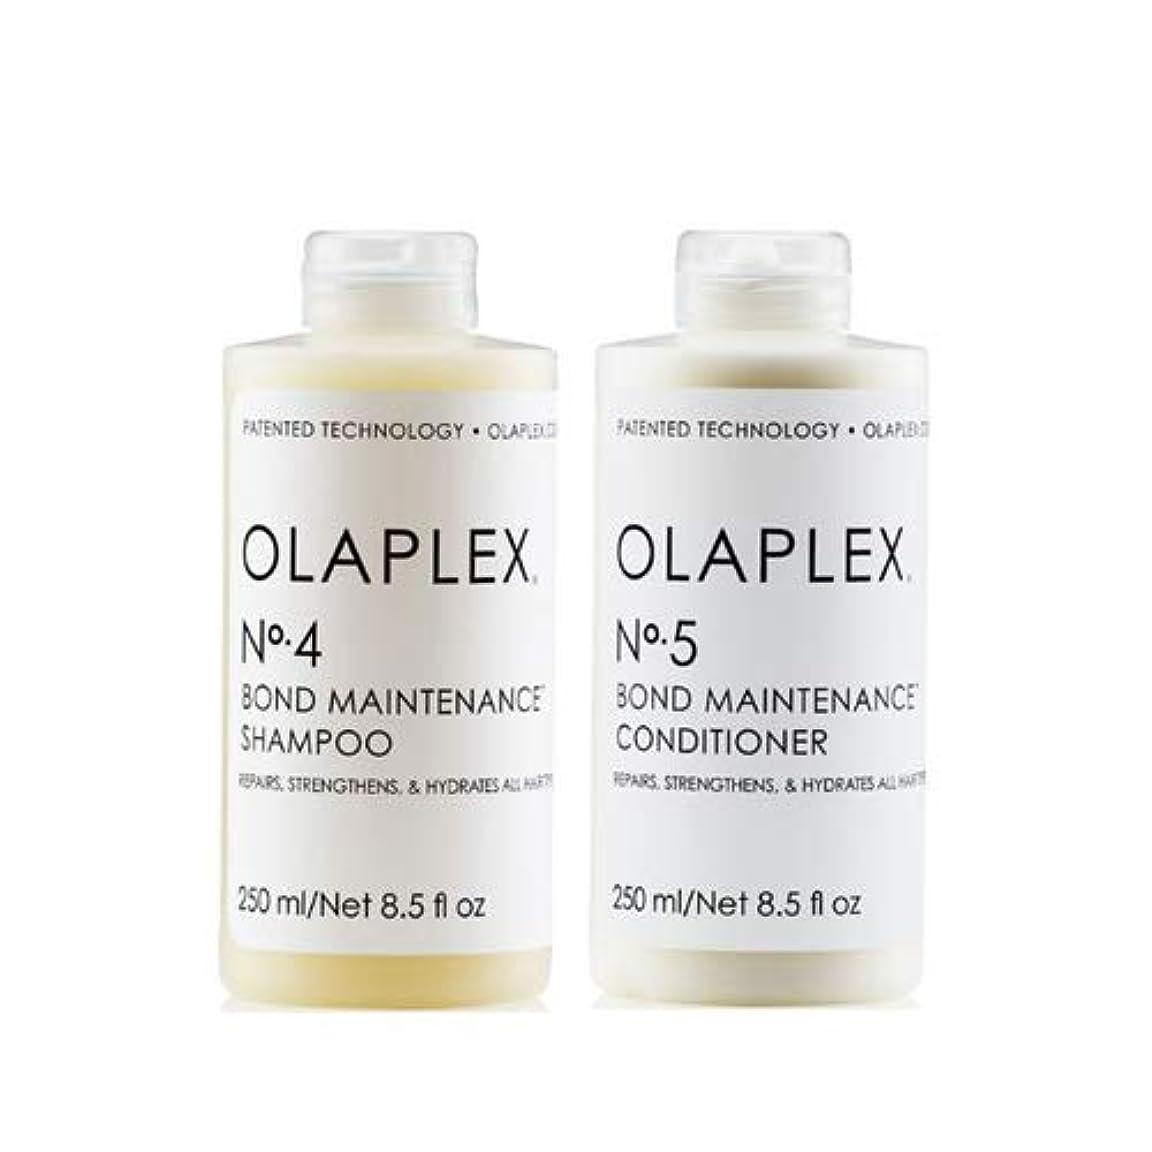 不従順進捗造船Olaplex オラプレックス No. 4 5 ボンド メンテナンス シャンプー&コンディショナー Olaplex Bond Maintenance Shampoo & Conditioner 【並行輸入品】